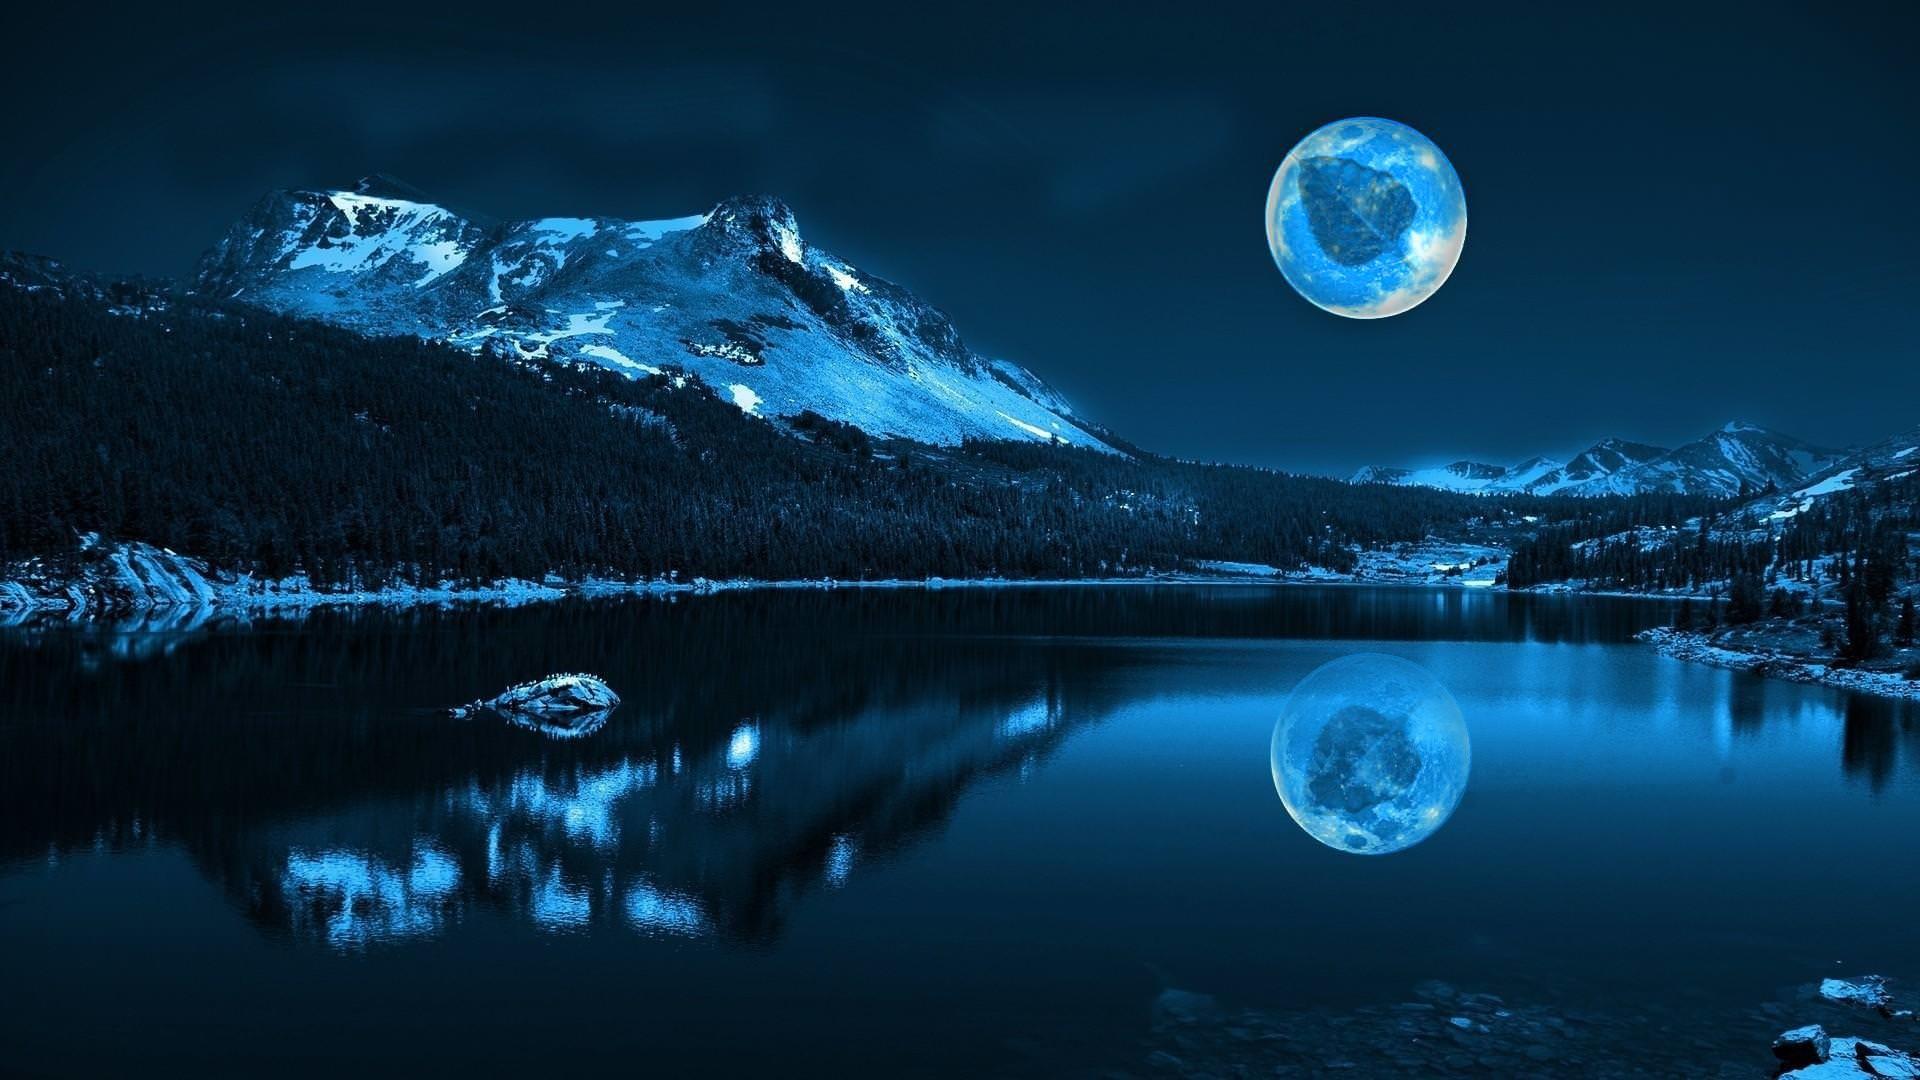 Скачать Обои Луна На Телефон